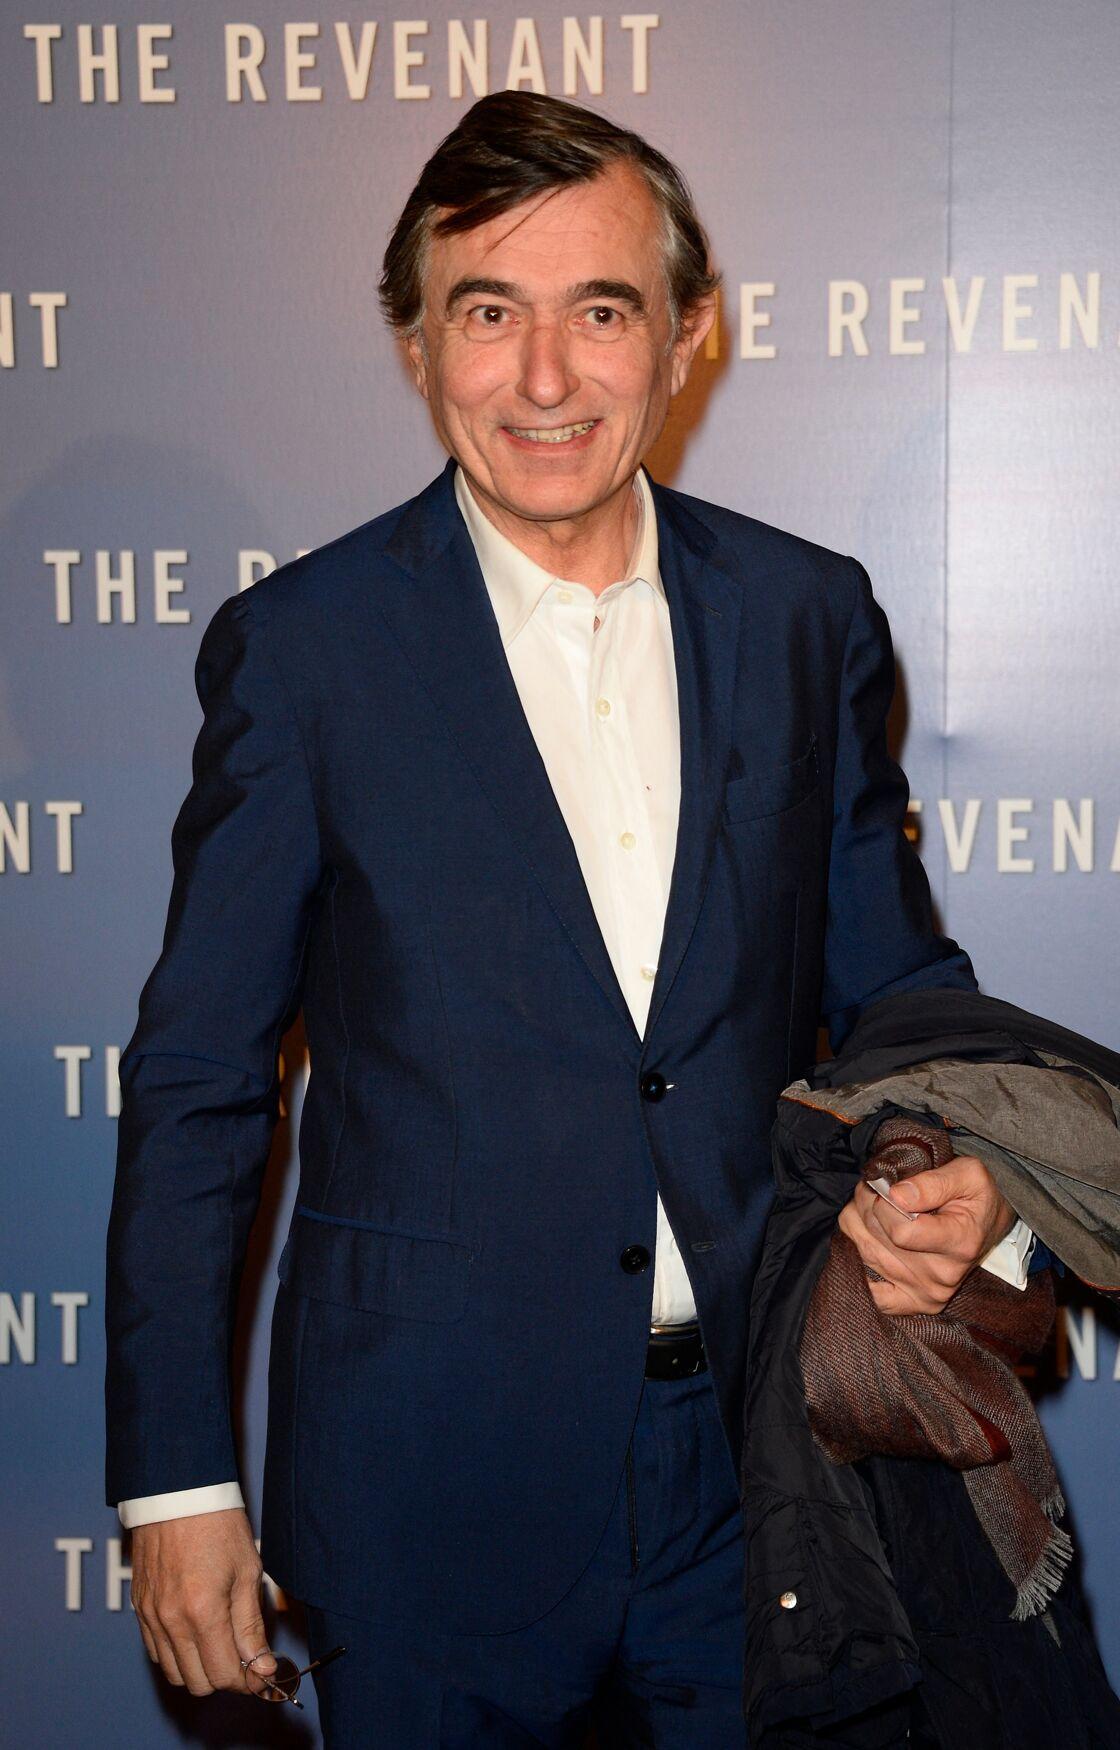 Philippe Douste-Blazy, l'un des soutiens de Didier Raoult, a été ministre de la Santé de 2004 à 2005, dans le gouvernement de Jean-Pierre Raffarin.